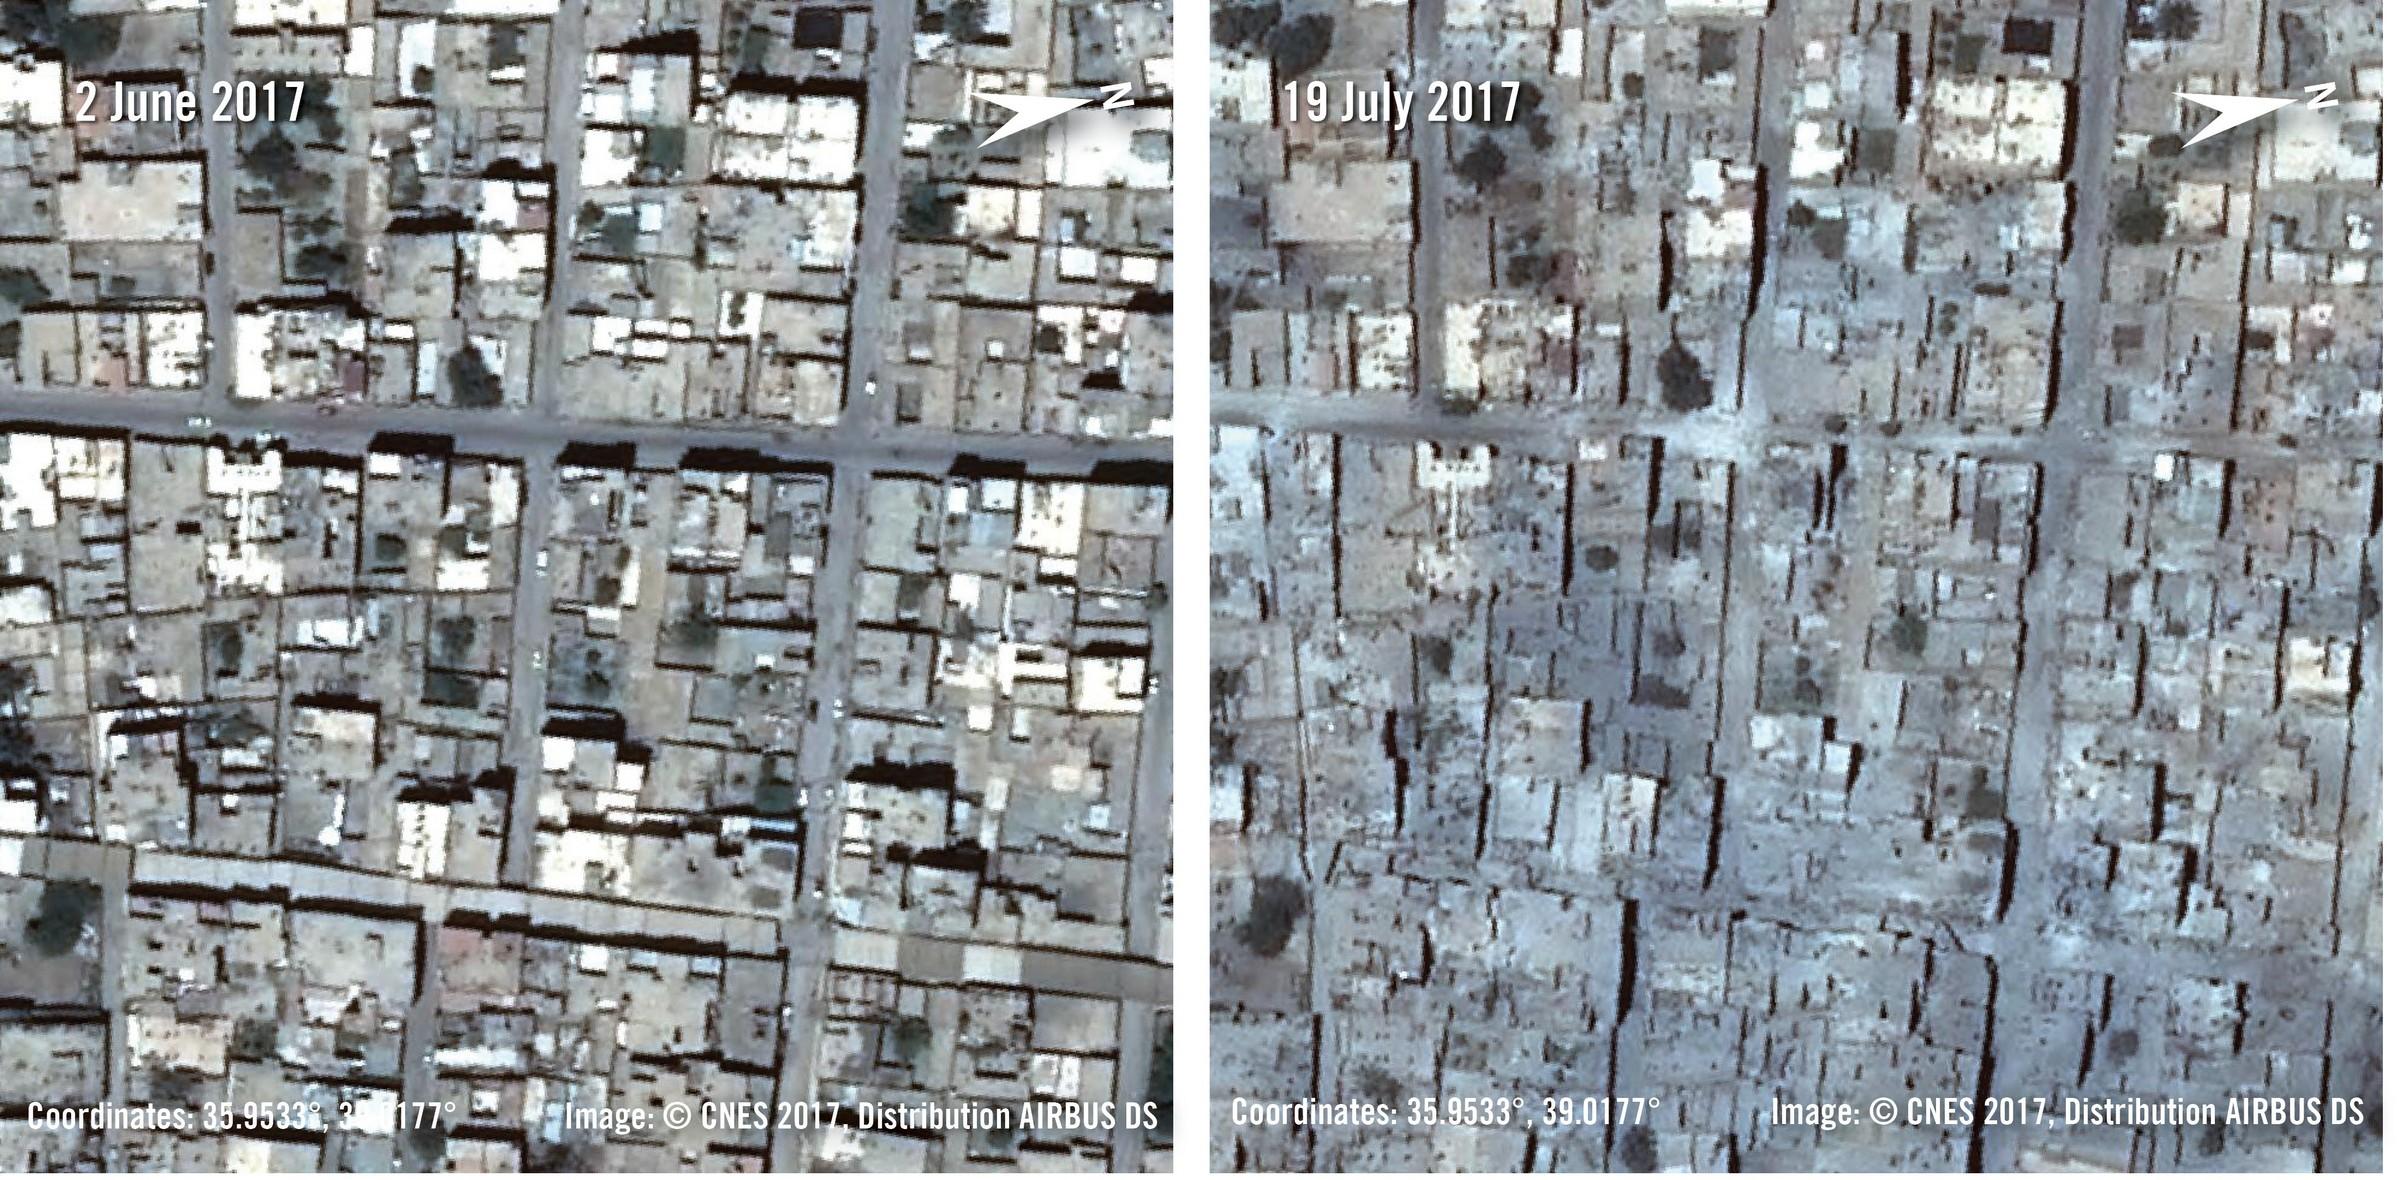 Prima e dopo l'inizio della battaglia in un altro quartiere di Raqqa (Amnesty International)